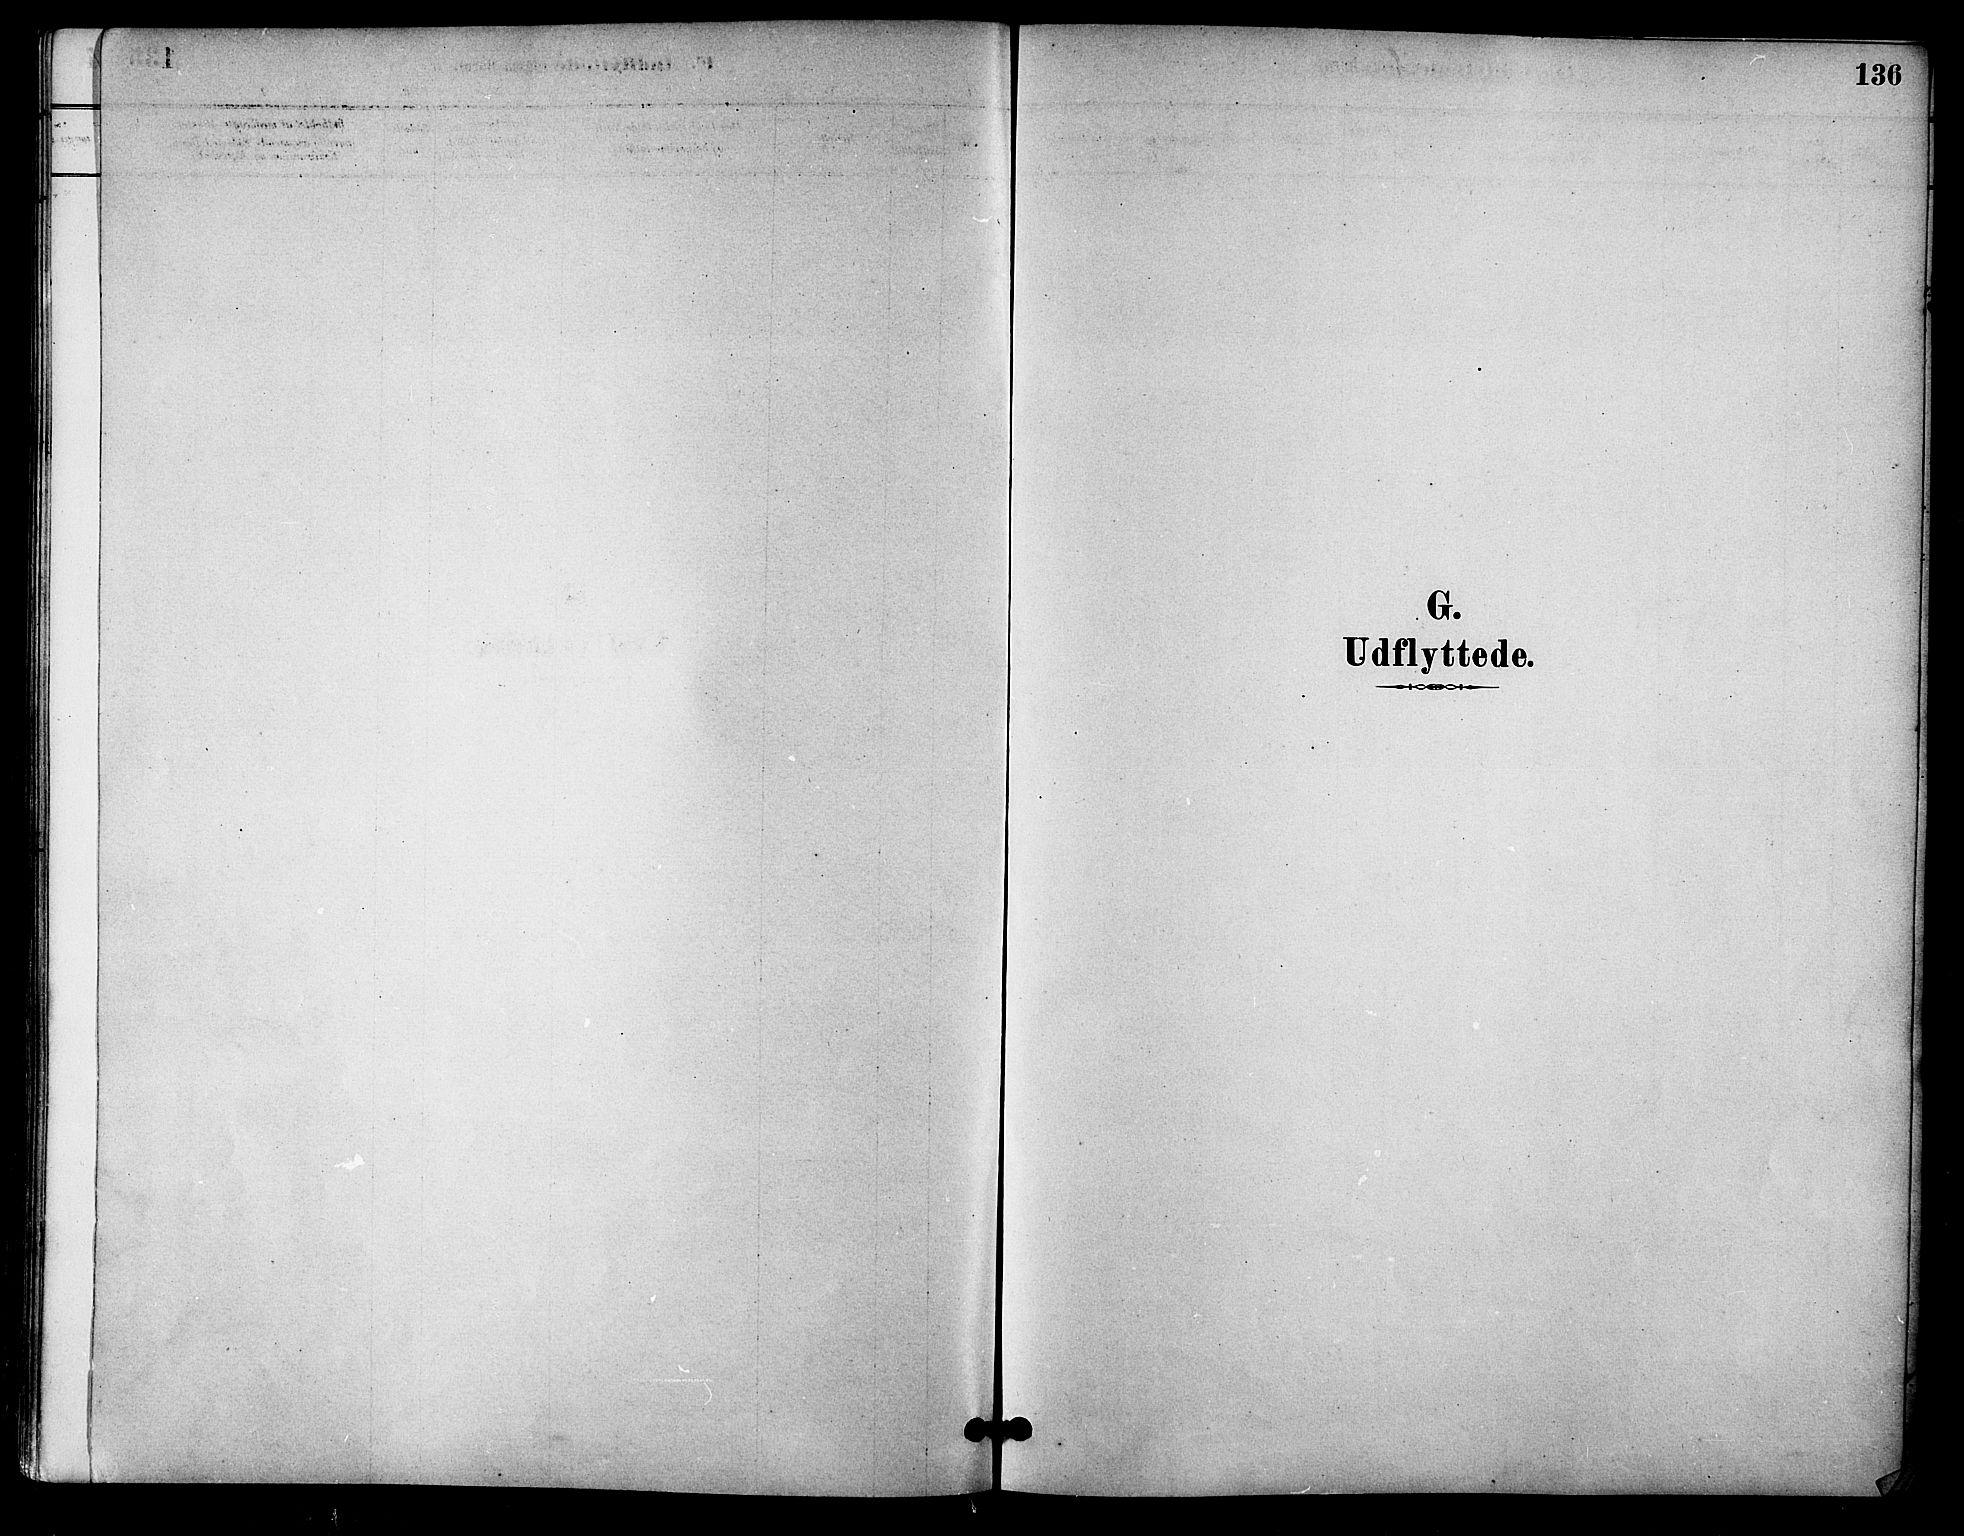 SAT, Ministerialprotokoller, klokkerbøker og fødselsregistre - Sør-Trøndelag, 618/L0444: Ministerialbok nr. 618A07, 1880-1898, s. 136